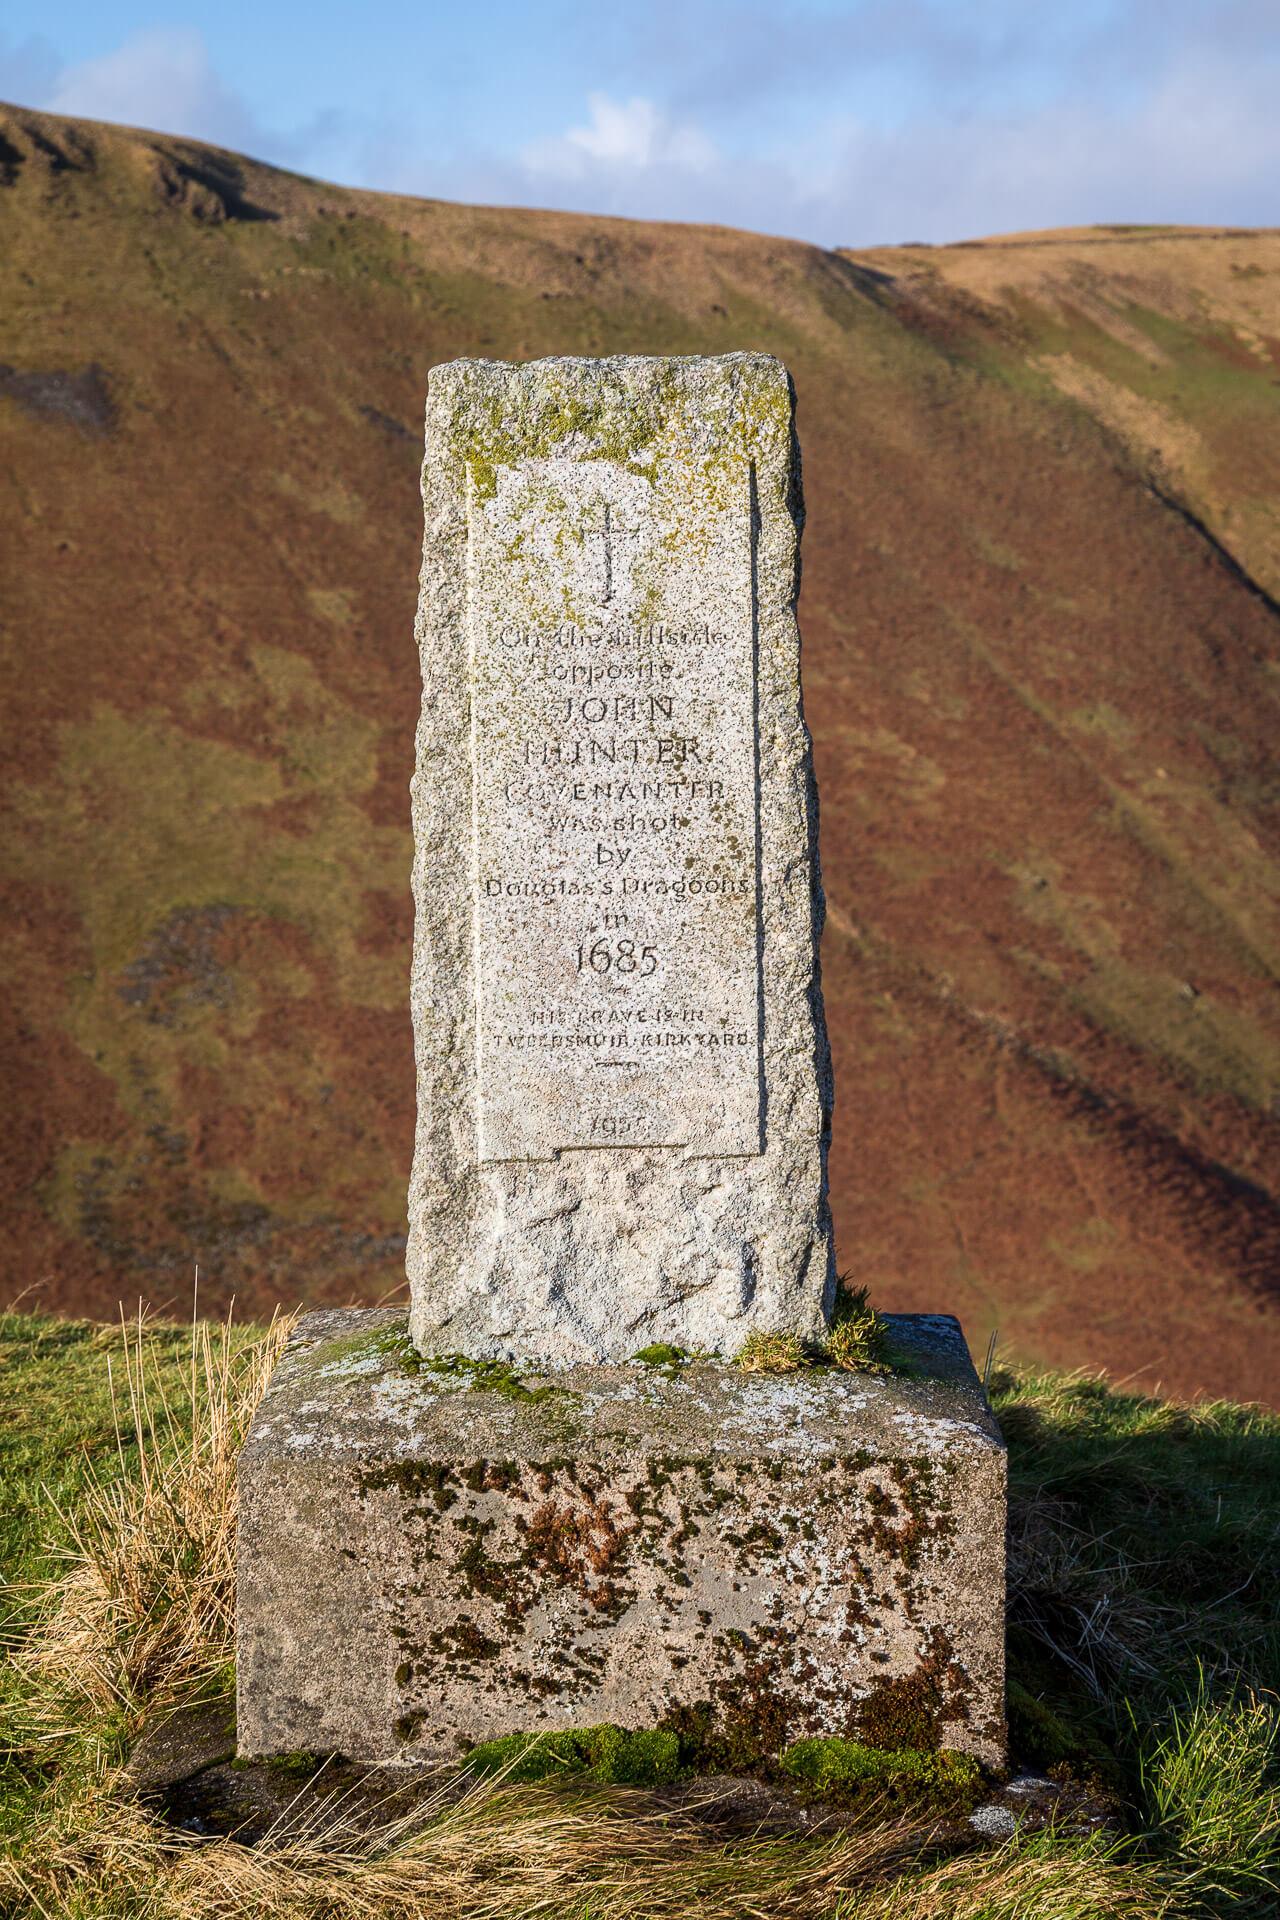 Das Denkmal für John Hunter